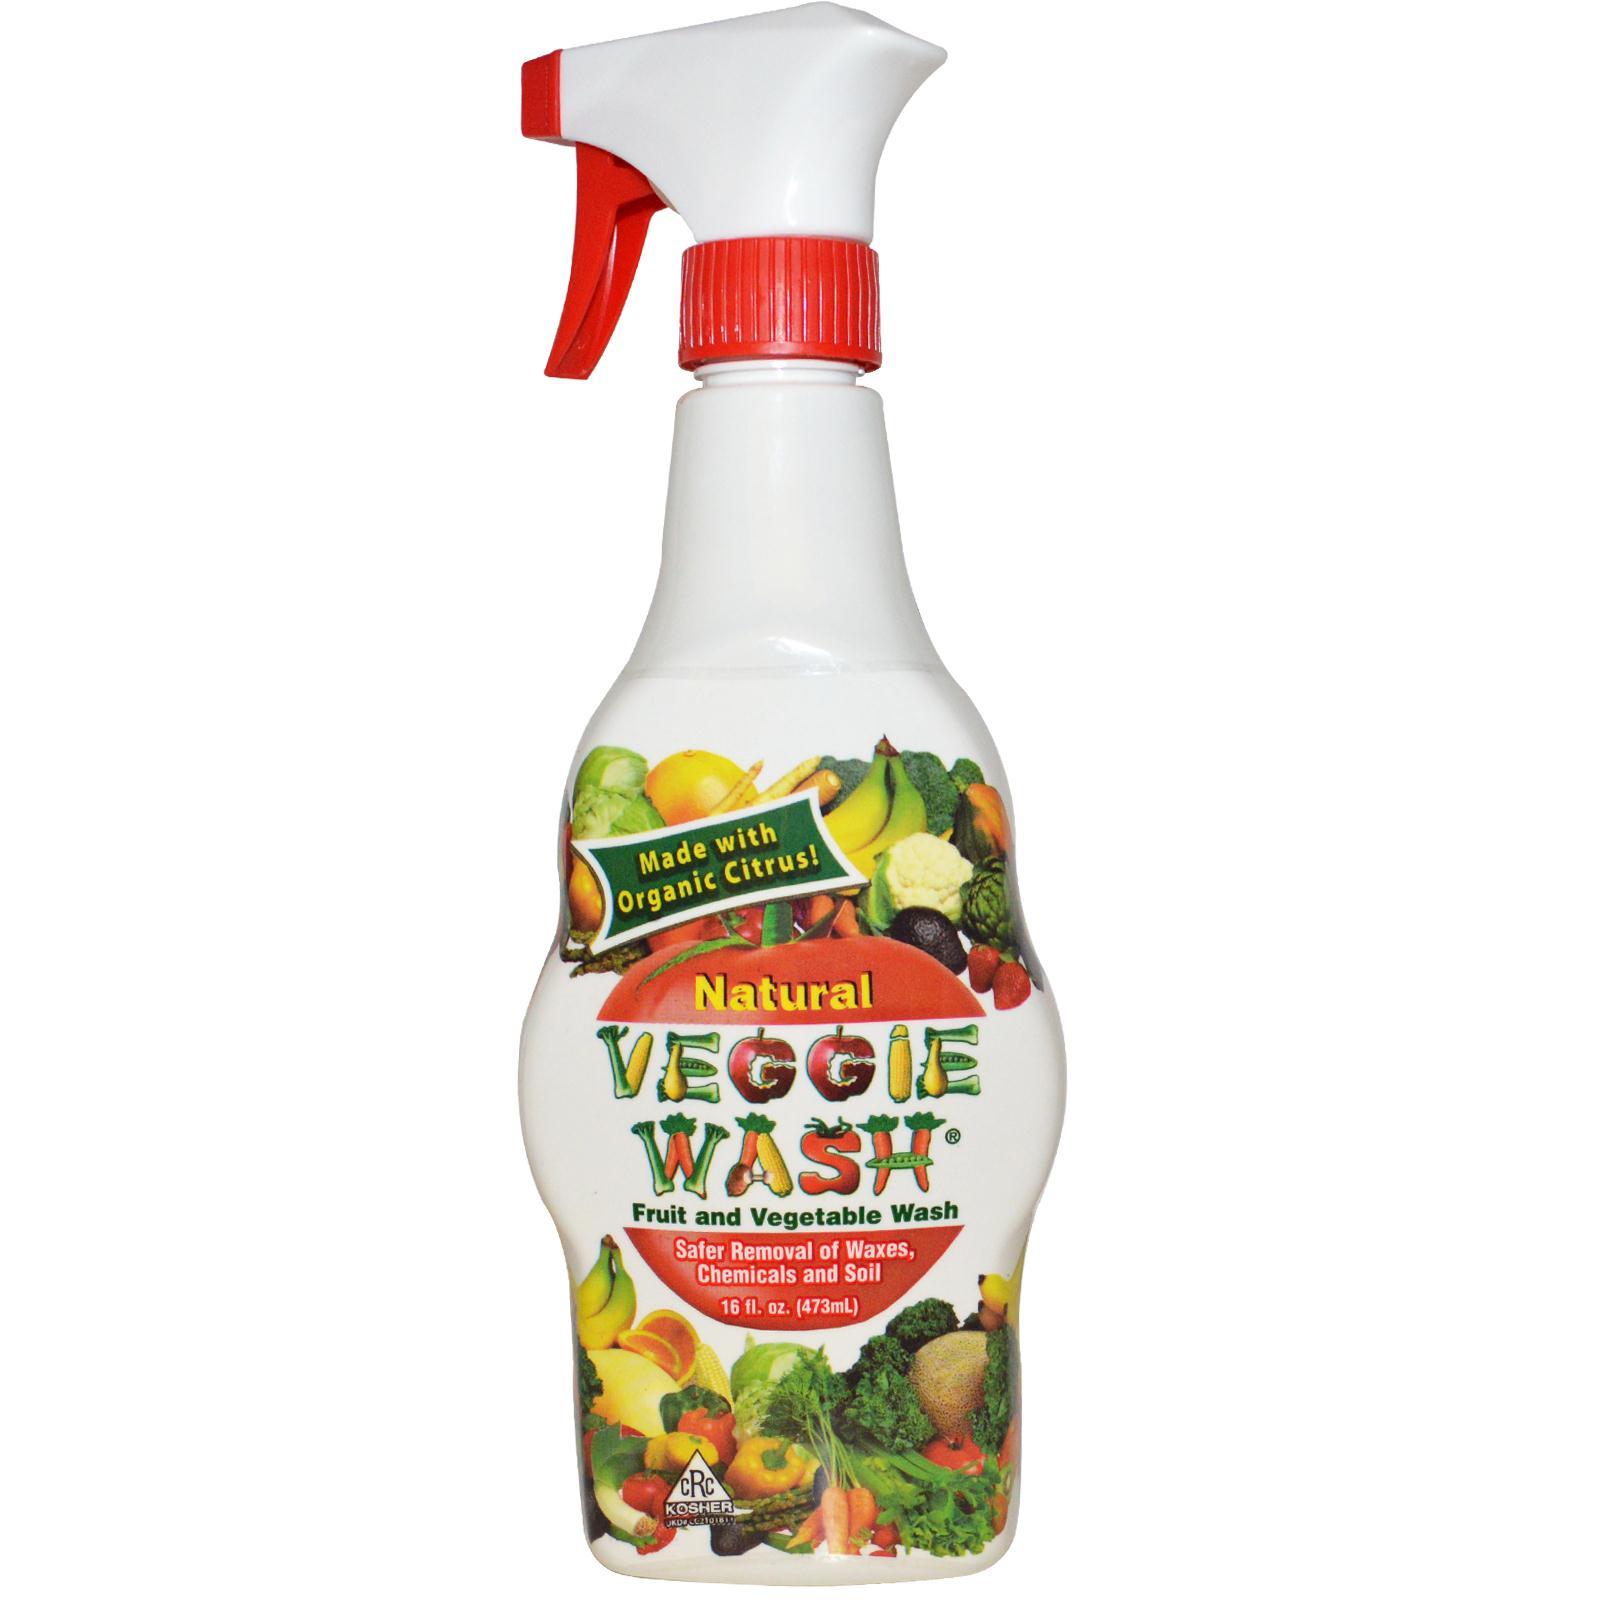 野菜専用洗剤、べジーウォッシュでワックスや農薬を洗い流そう